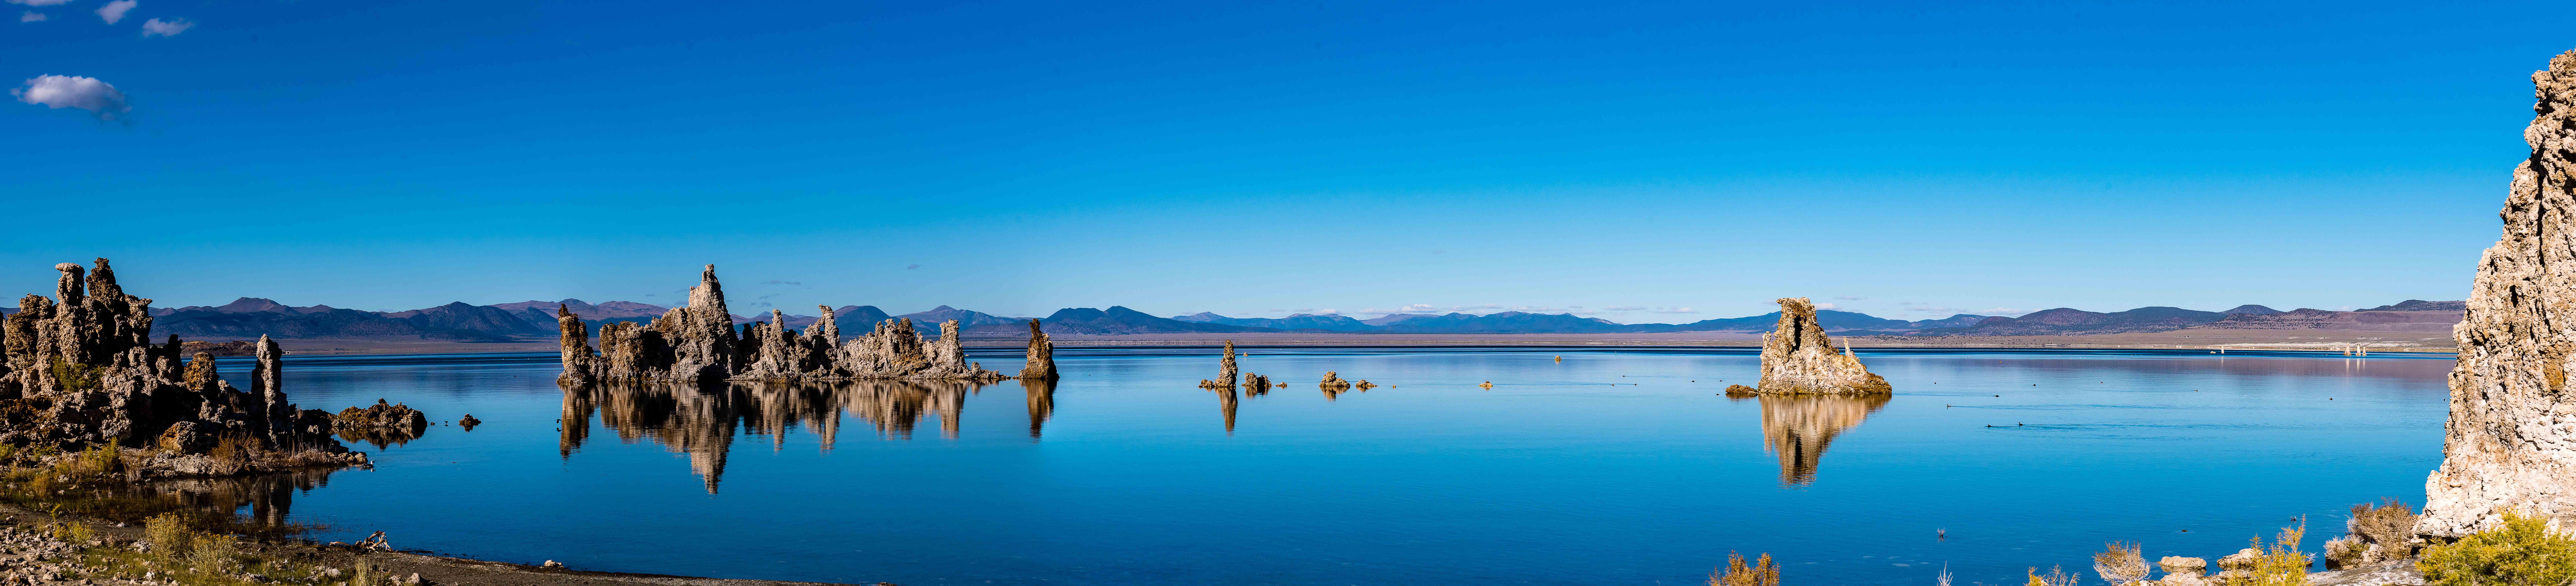 La région des grands lacs aux USA